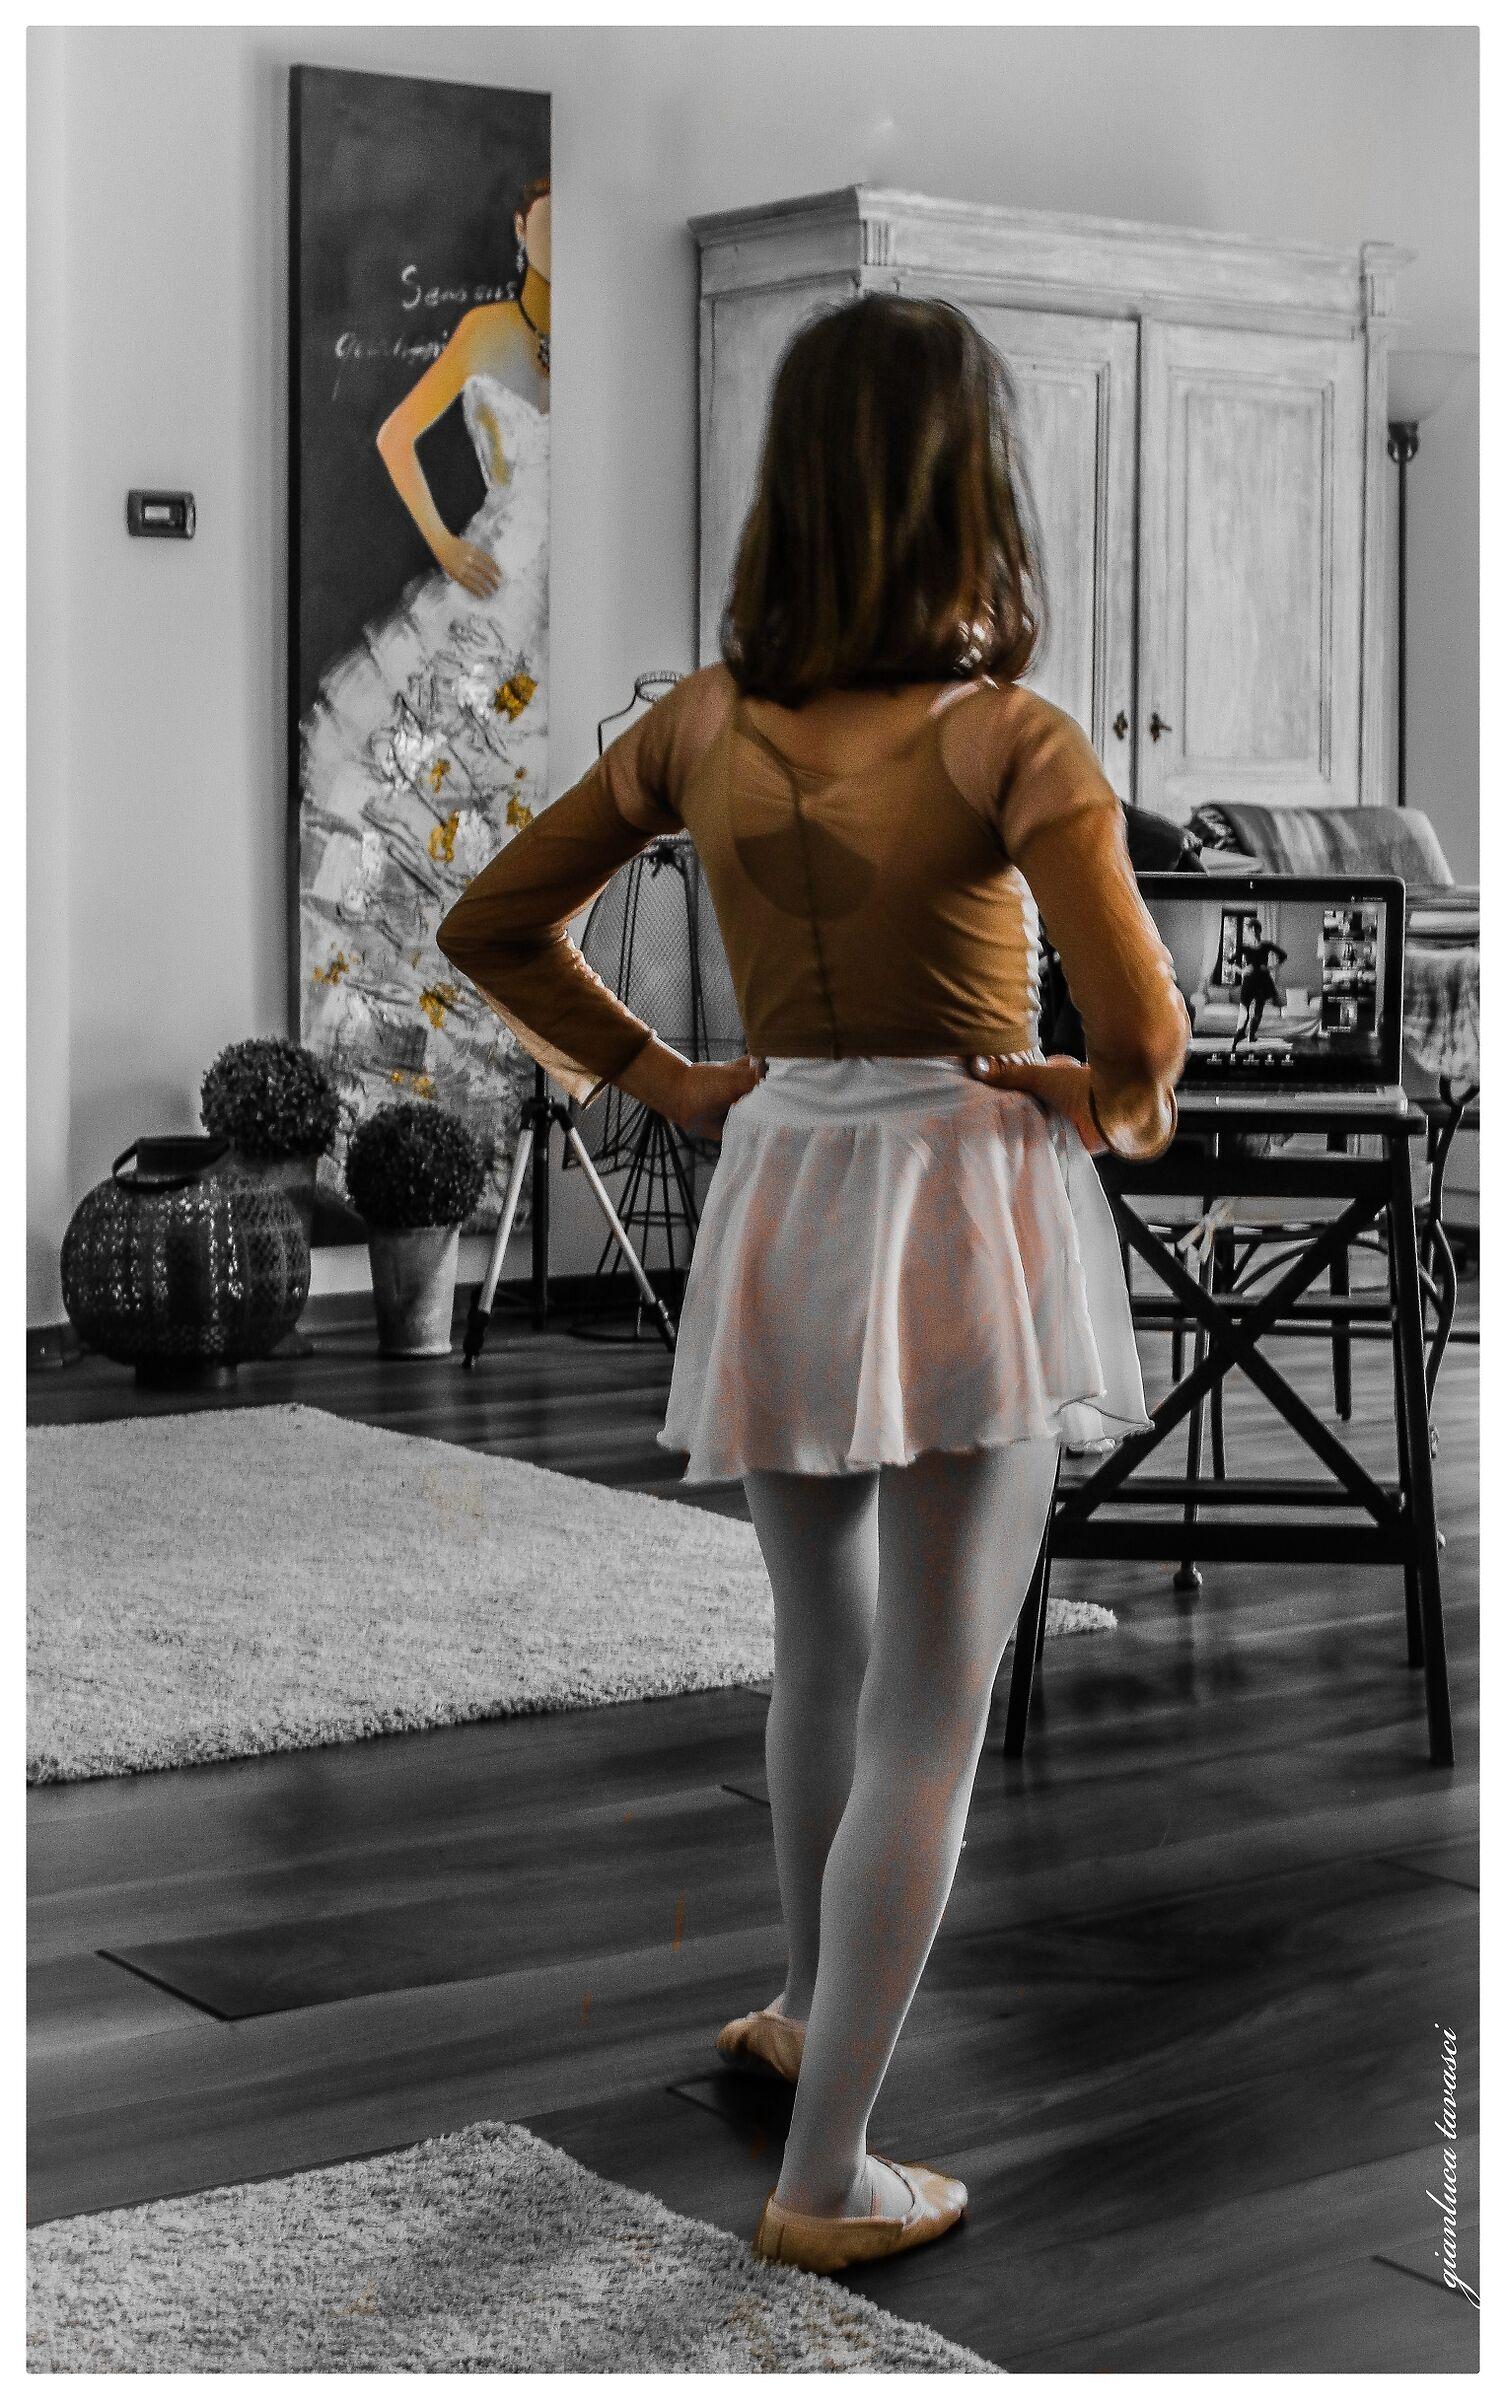 Lezione di danza...